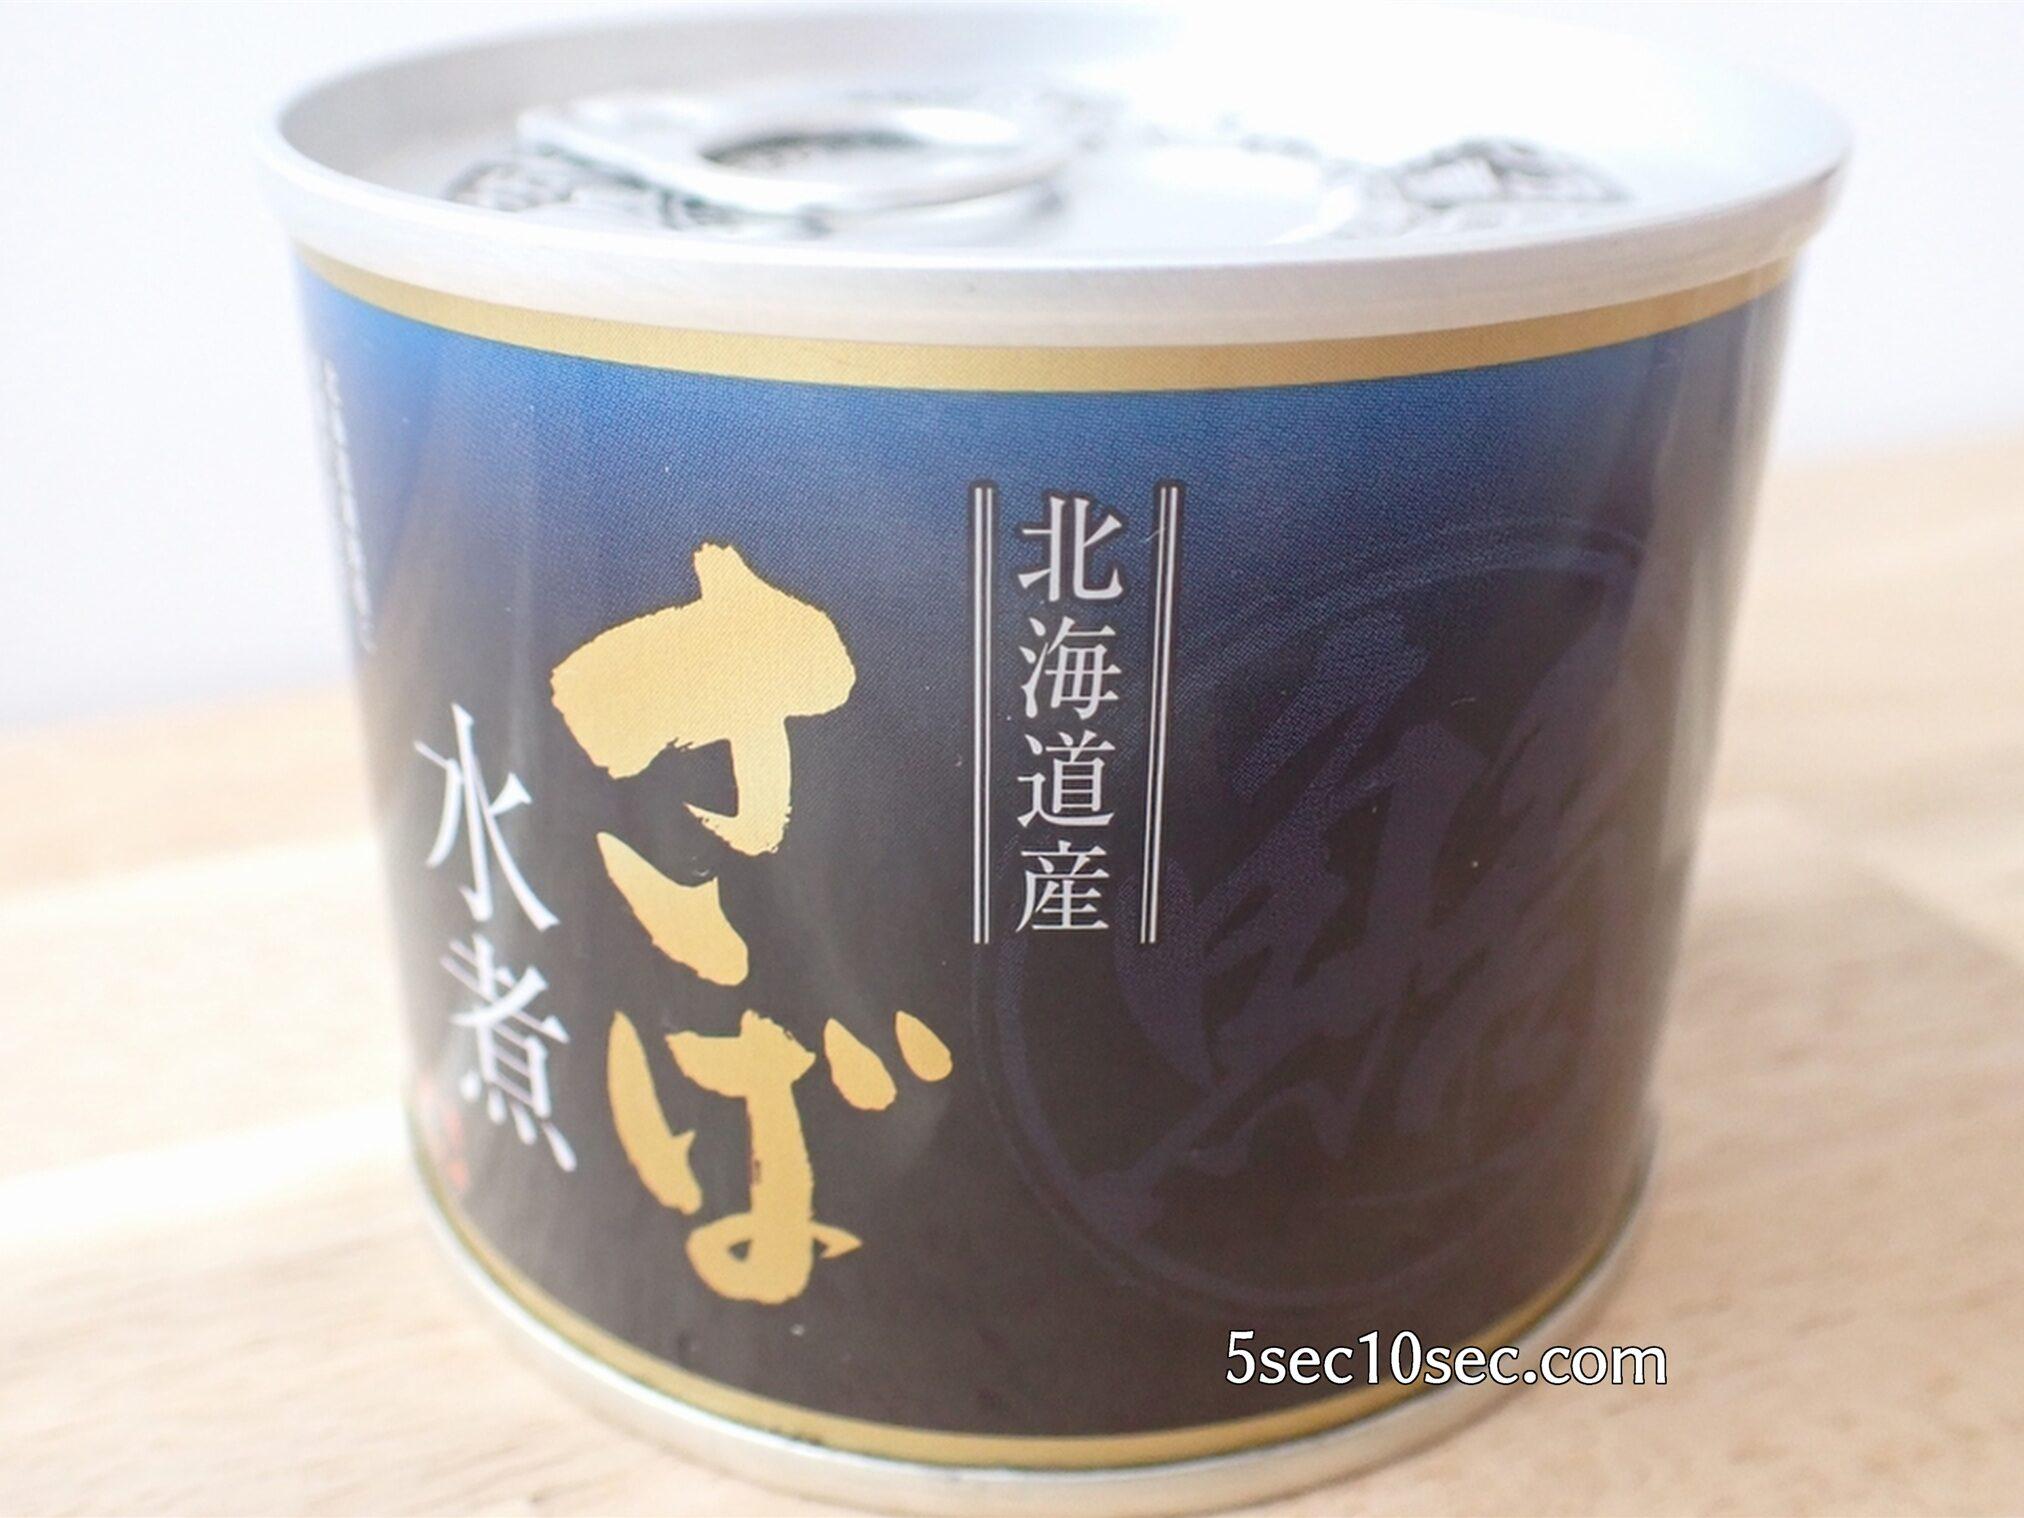 北海道釧路産 高級さば水煮缶詰 サバ缶が苦手な私でもおいしいと思った鯖缶